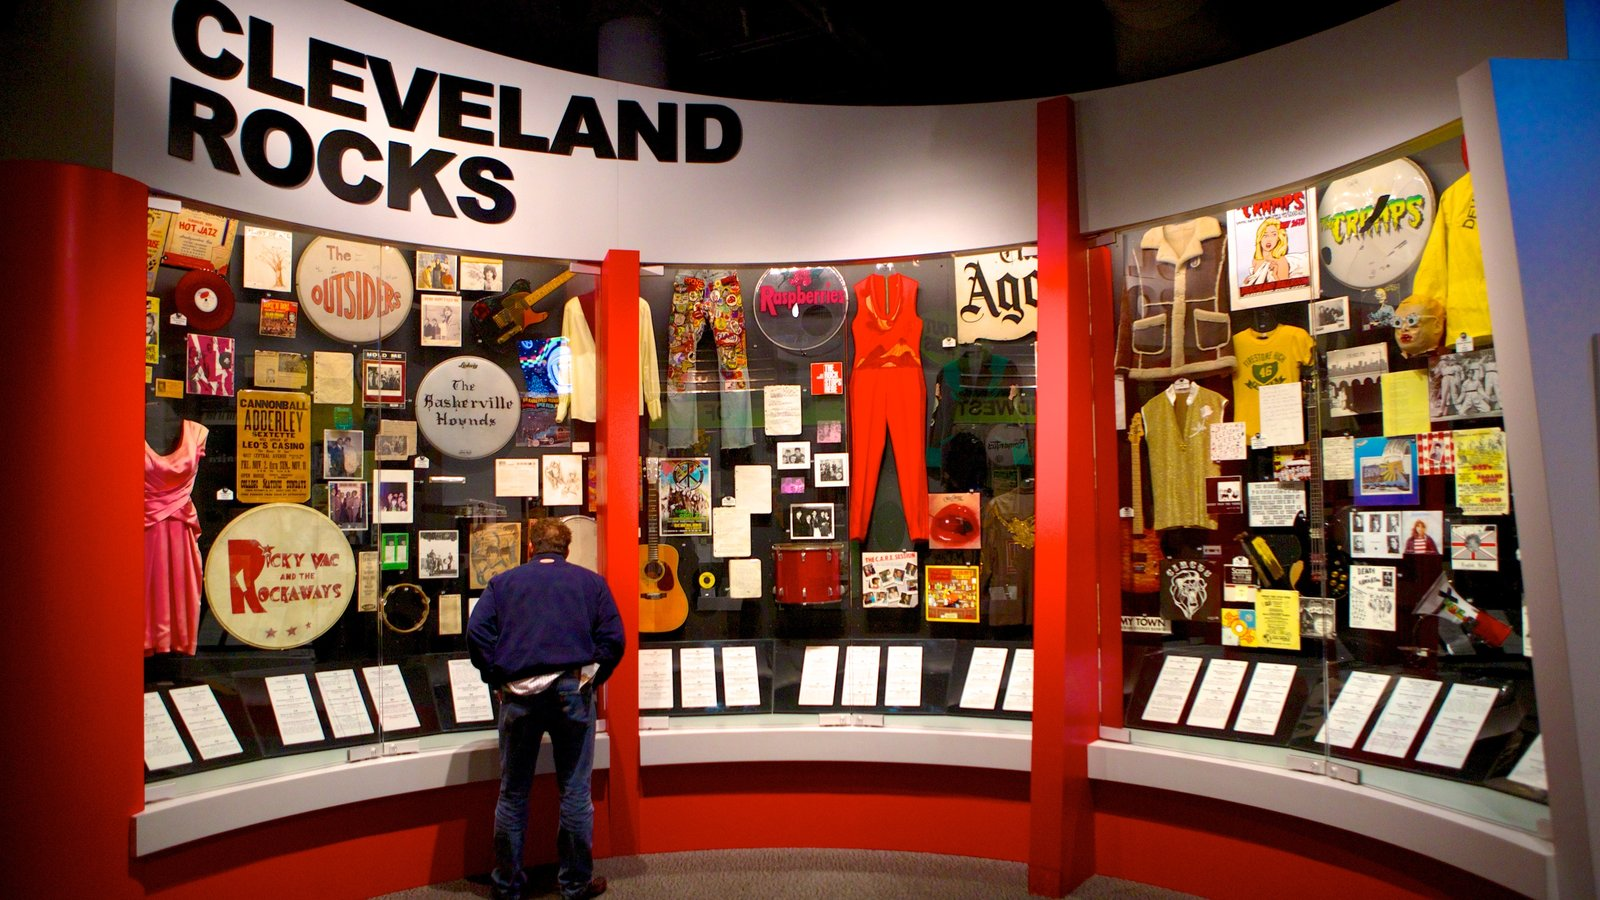 Rock and Roll Hall of Fame and Museum mostrando vistas internas e música